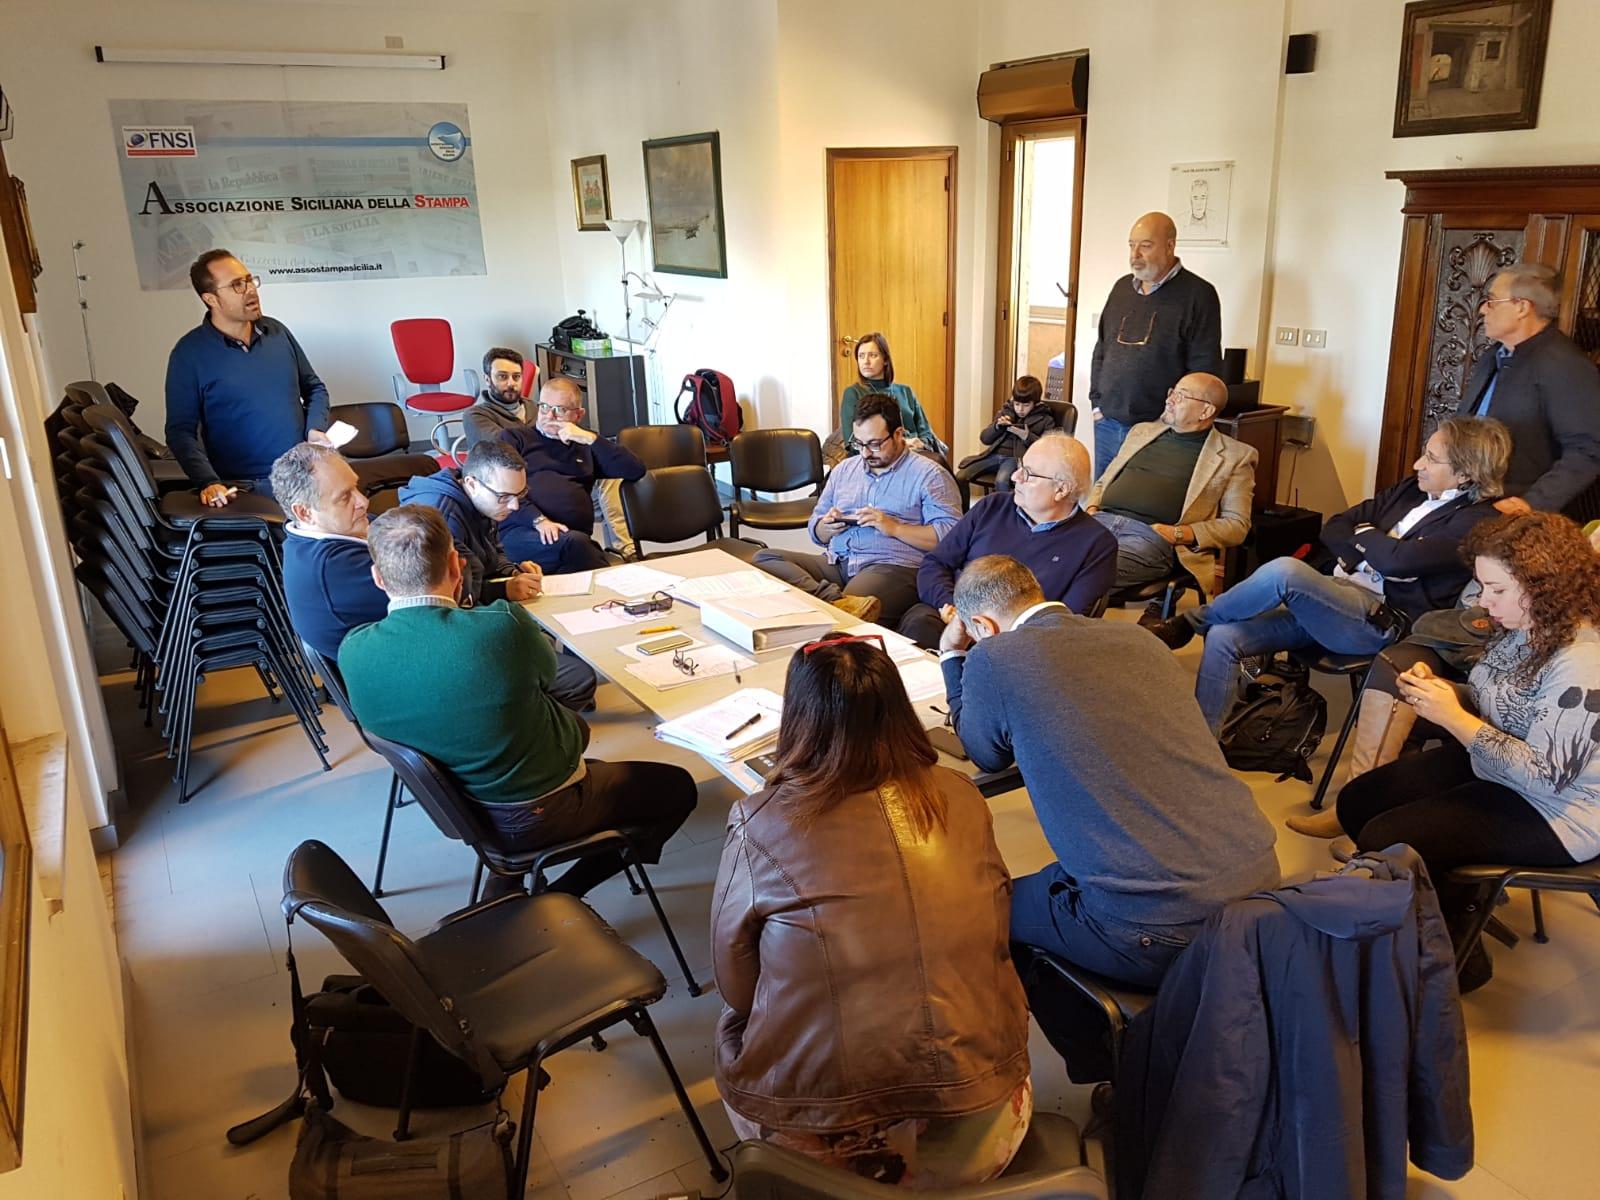 Giornalismo, Assostampa Palermo apre vertenza a difesa professione